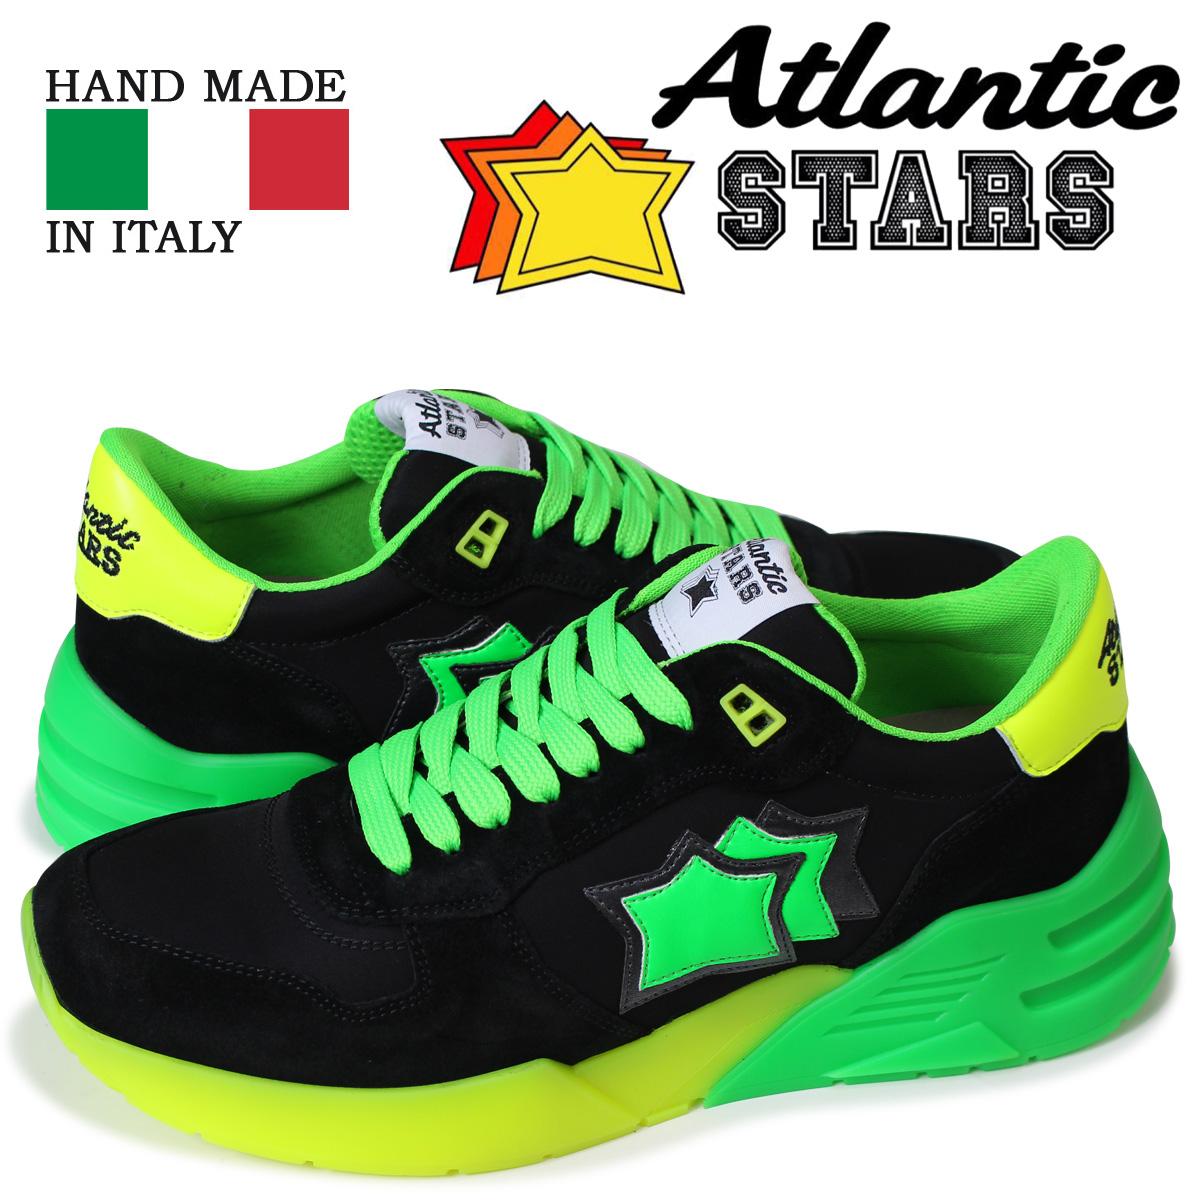 アトランティックスターズ メンズ スニーカー Atlantic STARS マーズ MARS NV-SN04 ブラック 【決算セール 返品不可】